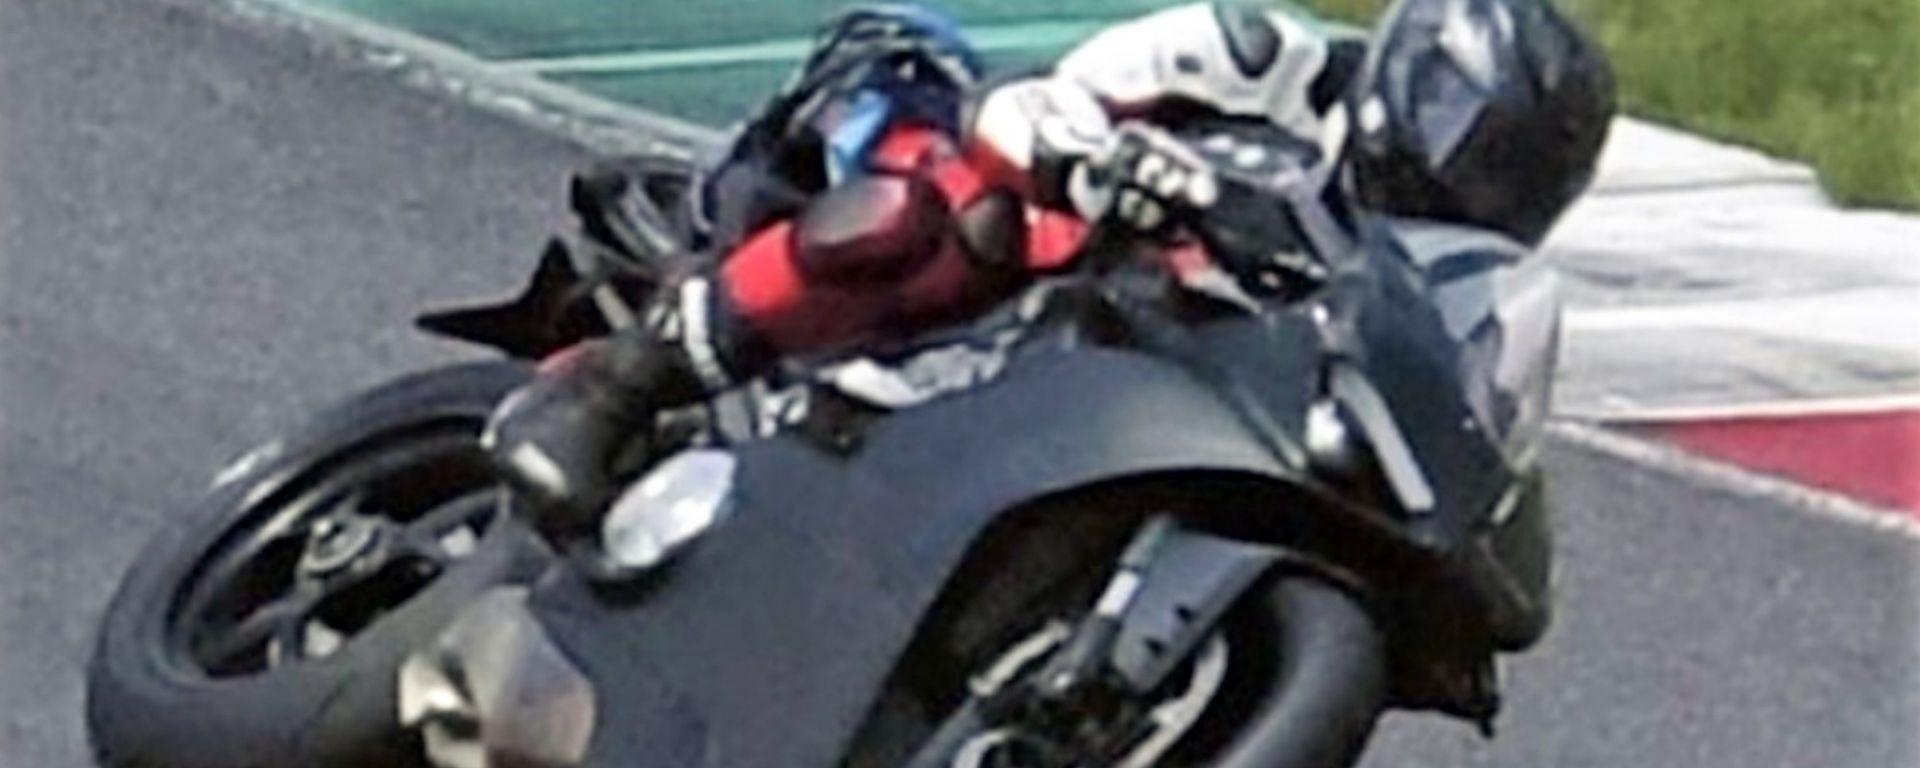 Ducati V4 superbike: la prima foto